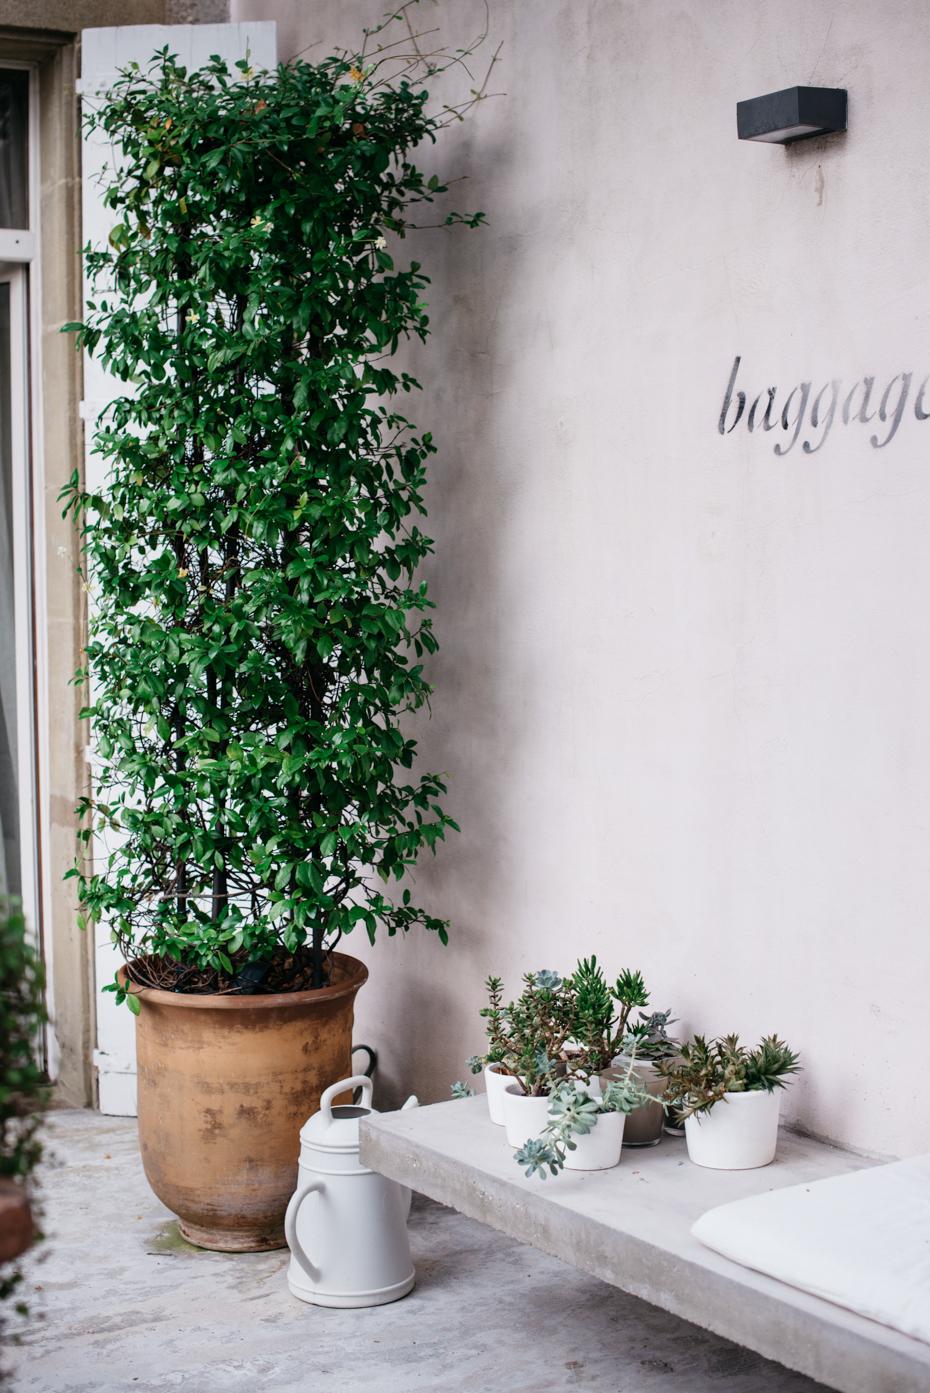 una collezione di piante grasse incornicia la seduta del terrazzo